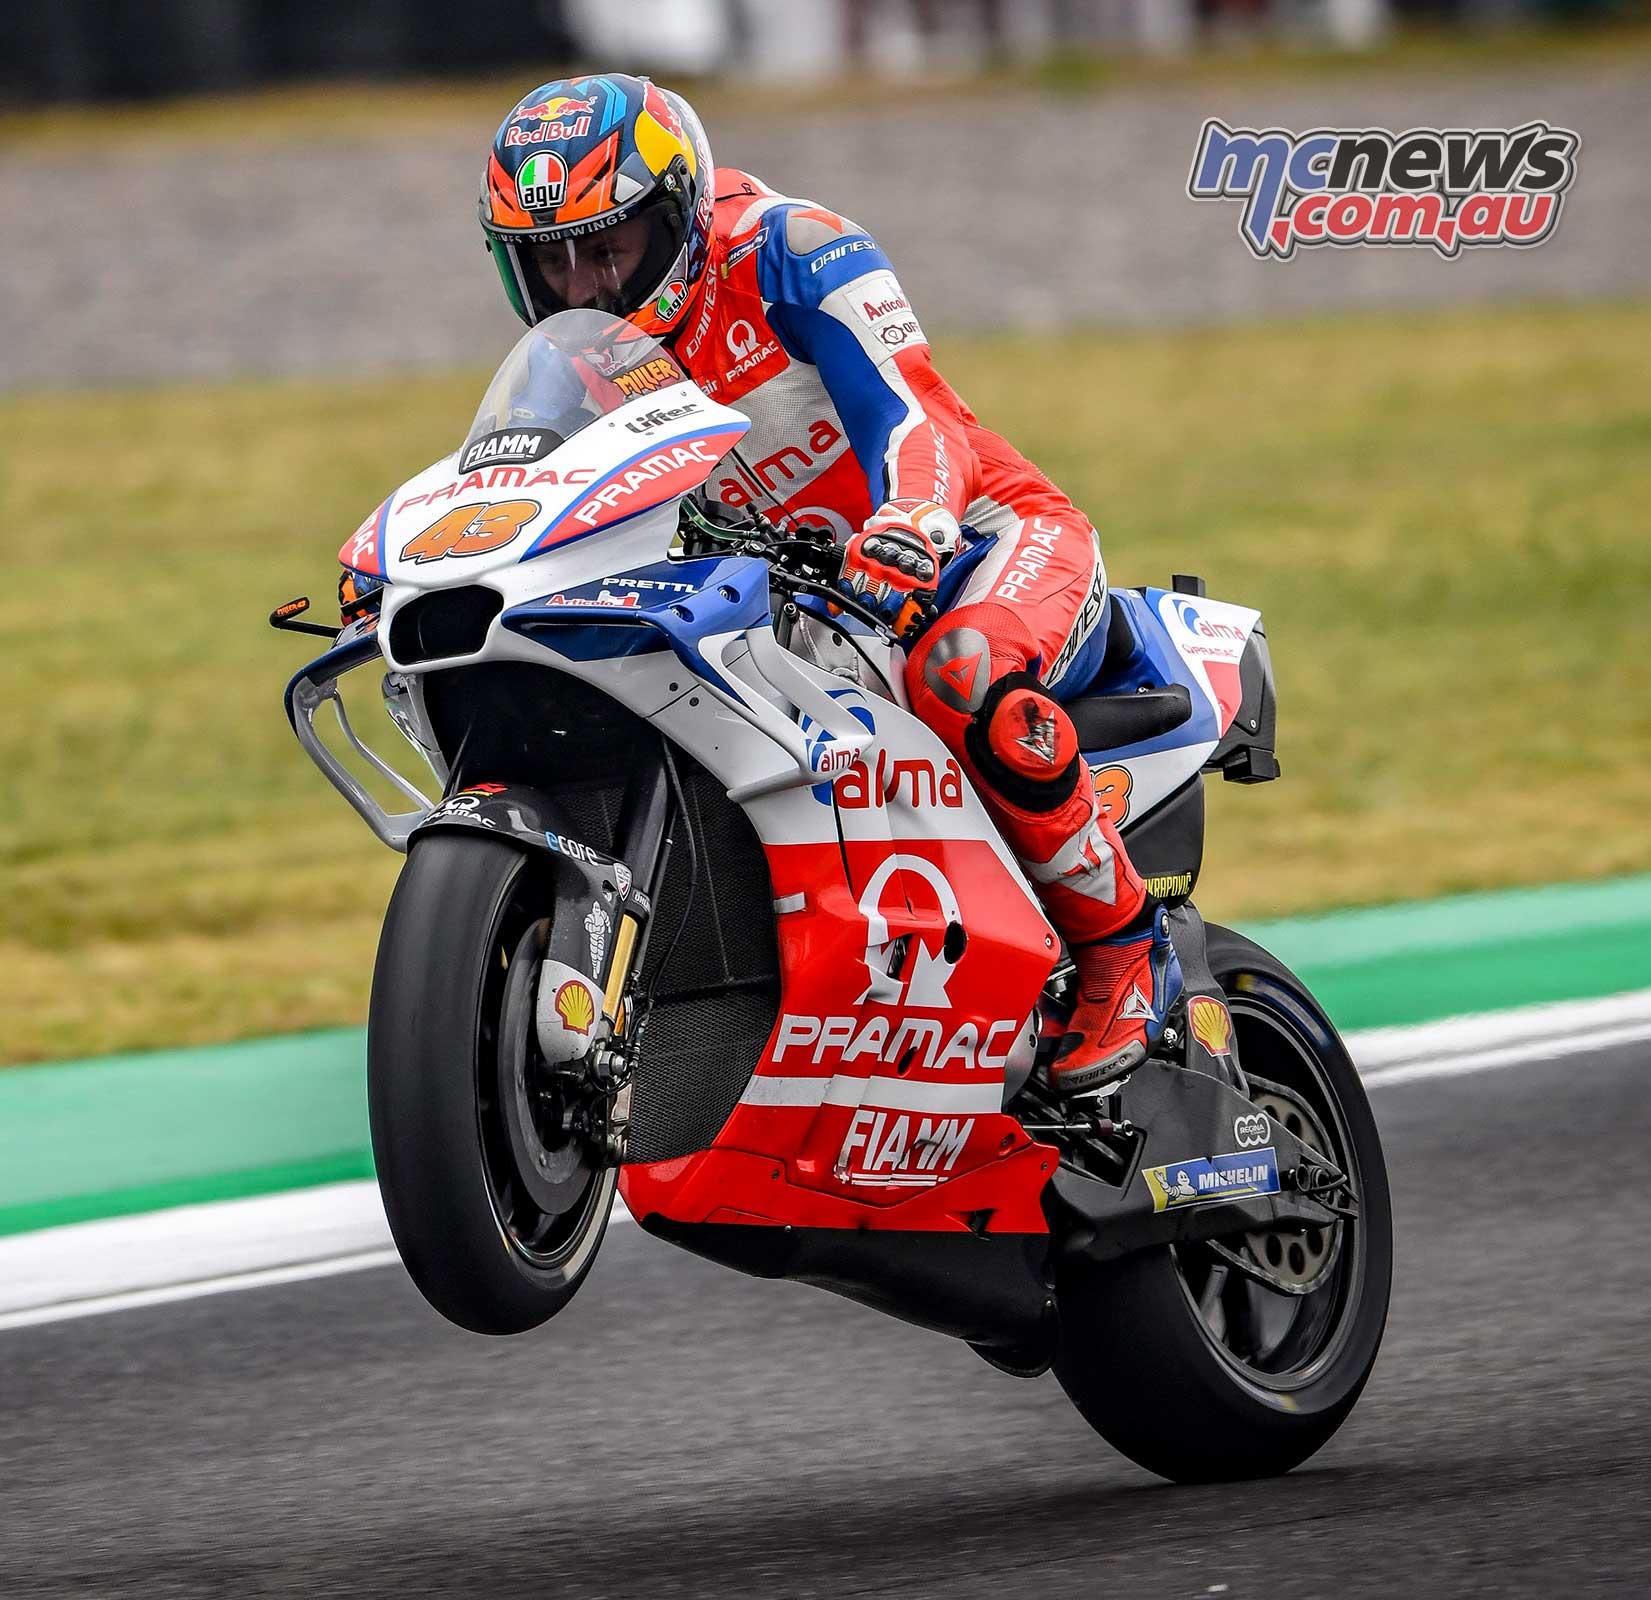 2018-MotoGP-Rnd2-ArgentinaGP-QP-Jack-Miller-9.jpg